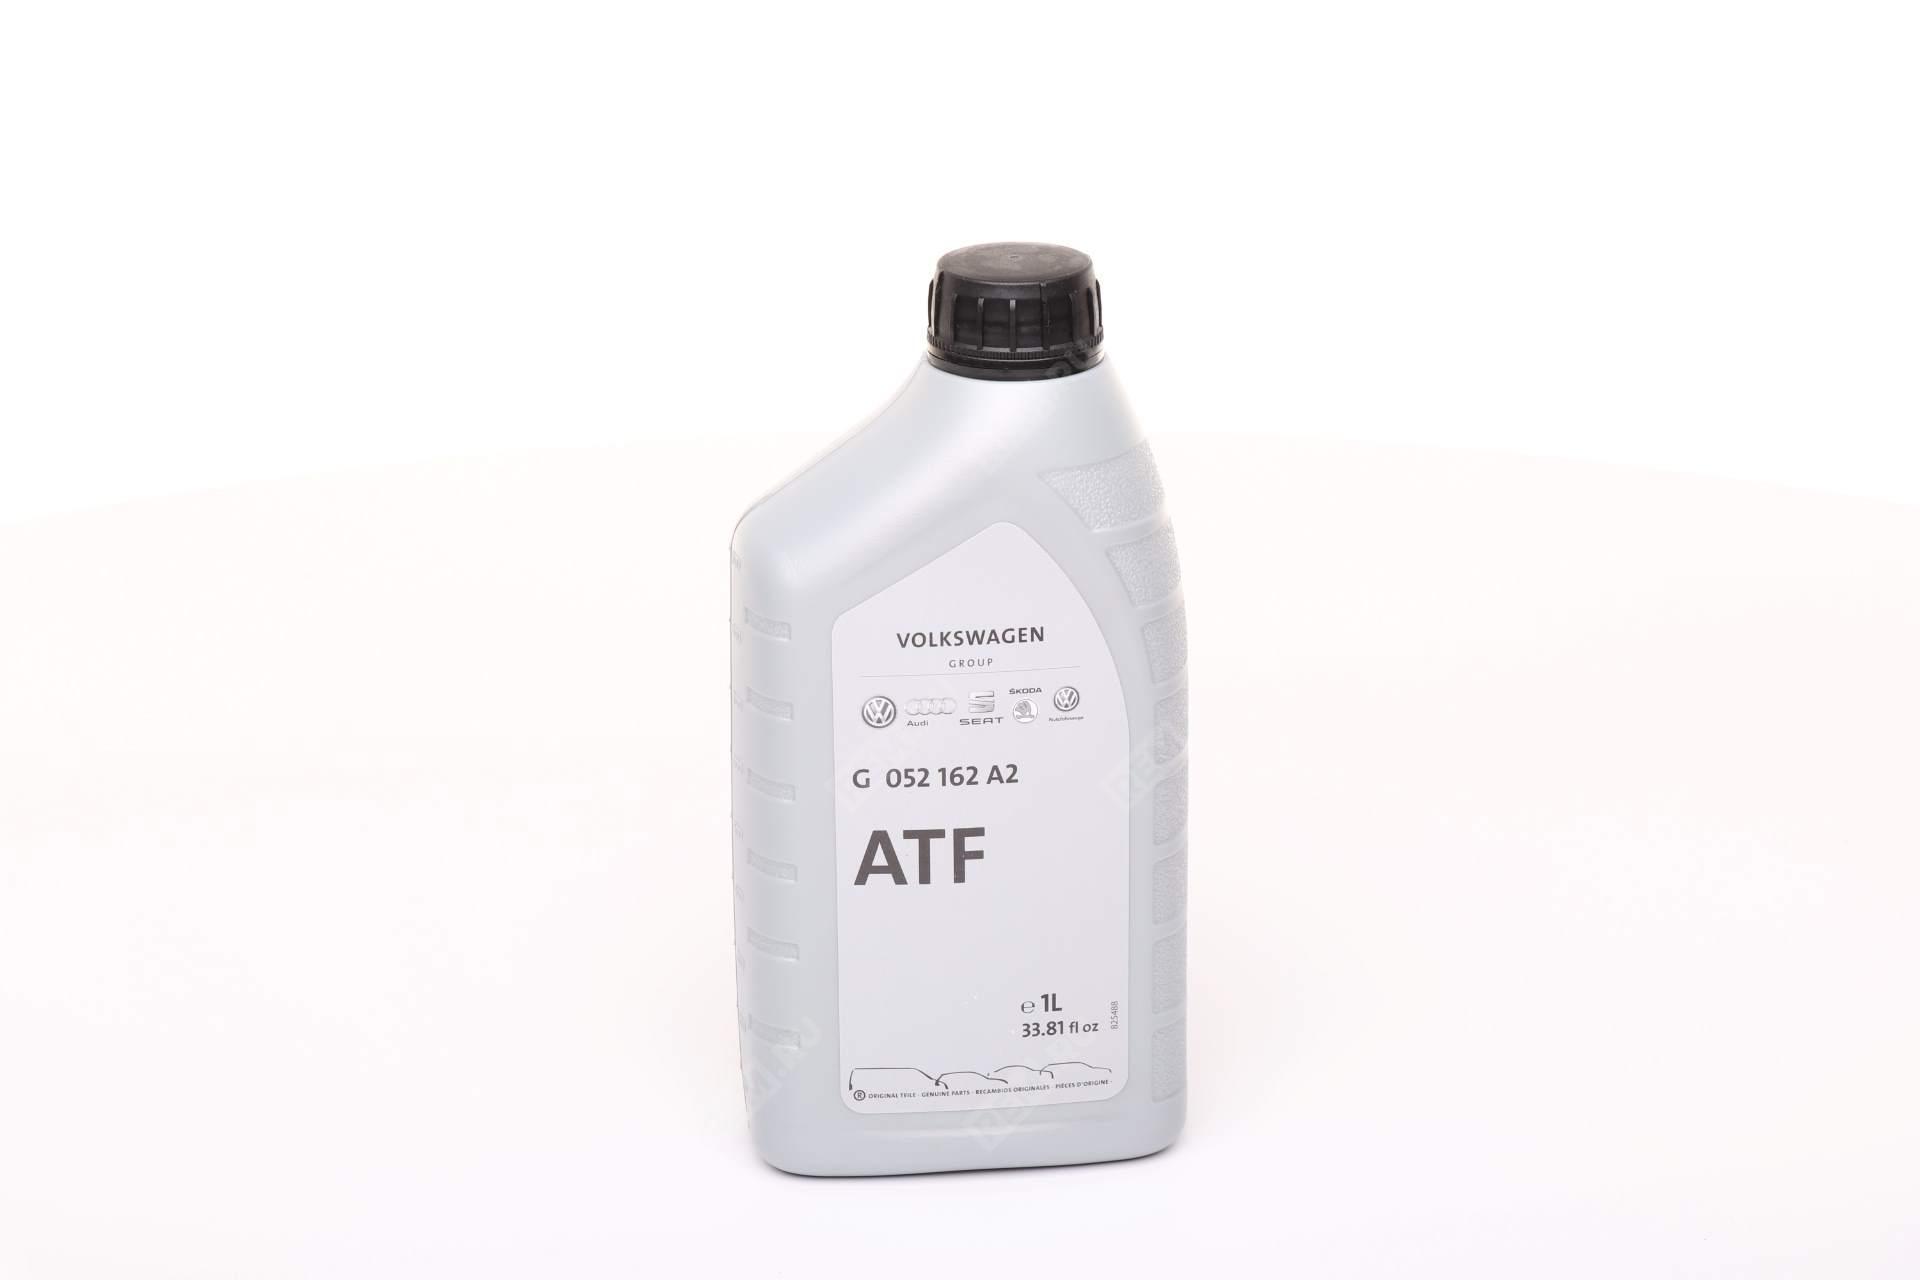 Масло трансмиссионное VAG ATF, 1Л G052162A2